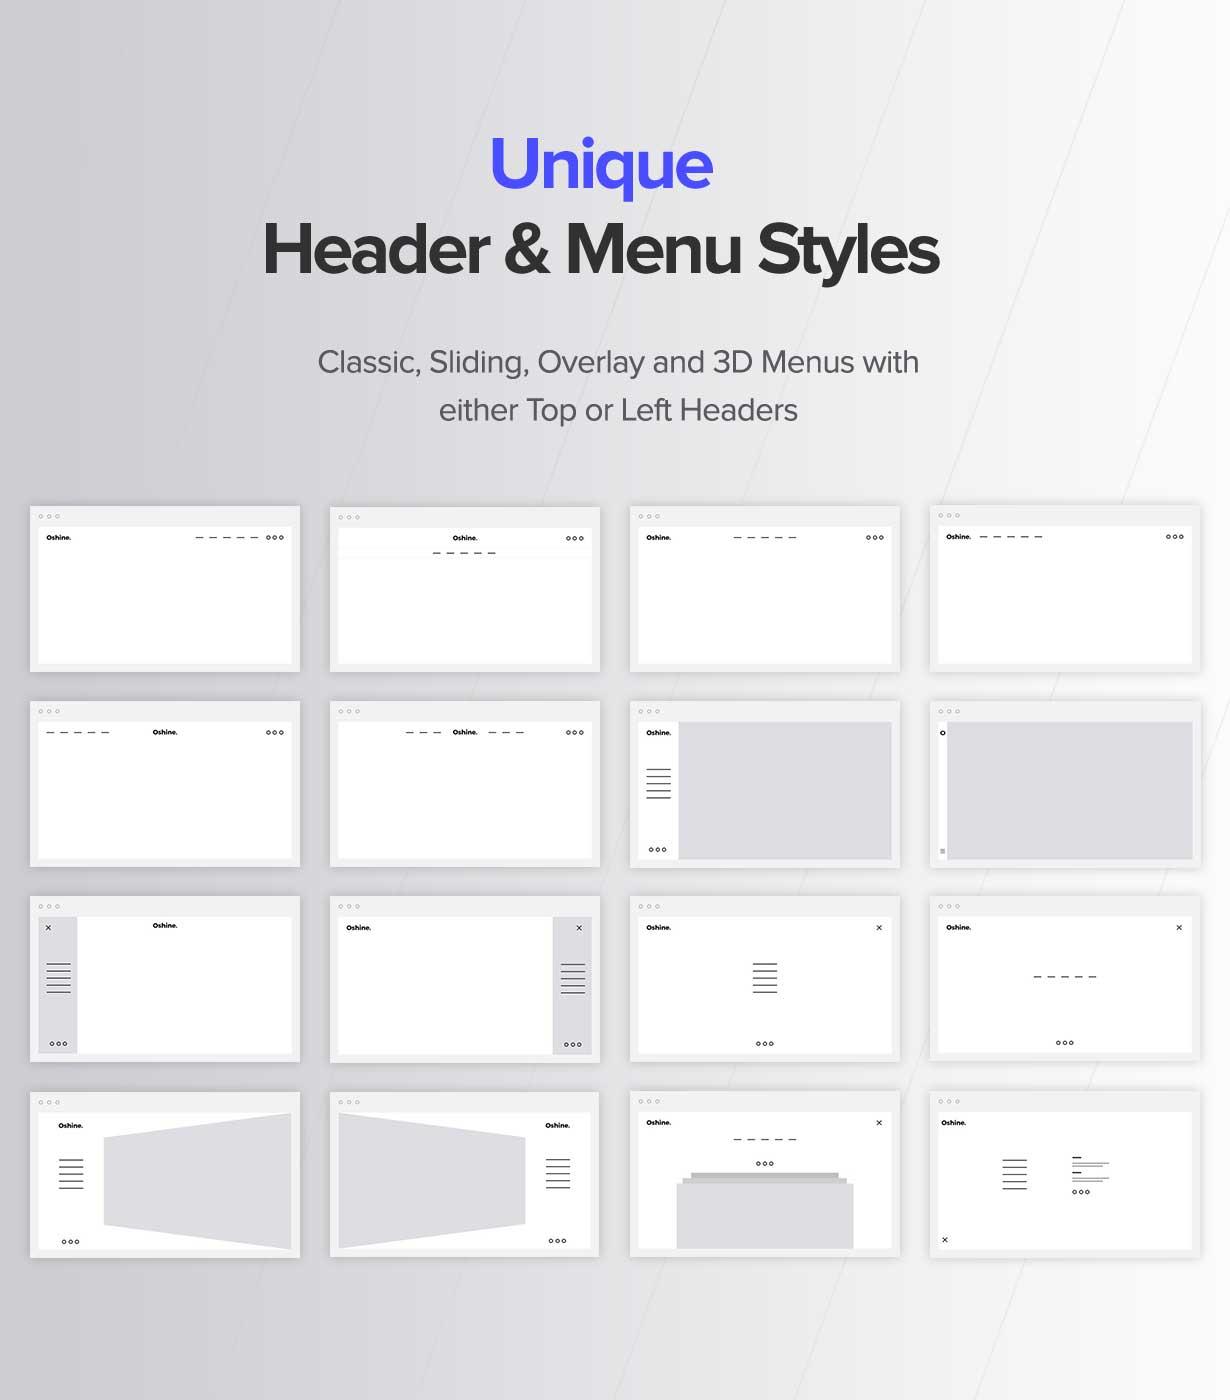 Unique Header & Menu Styles